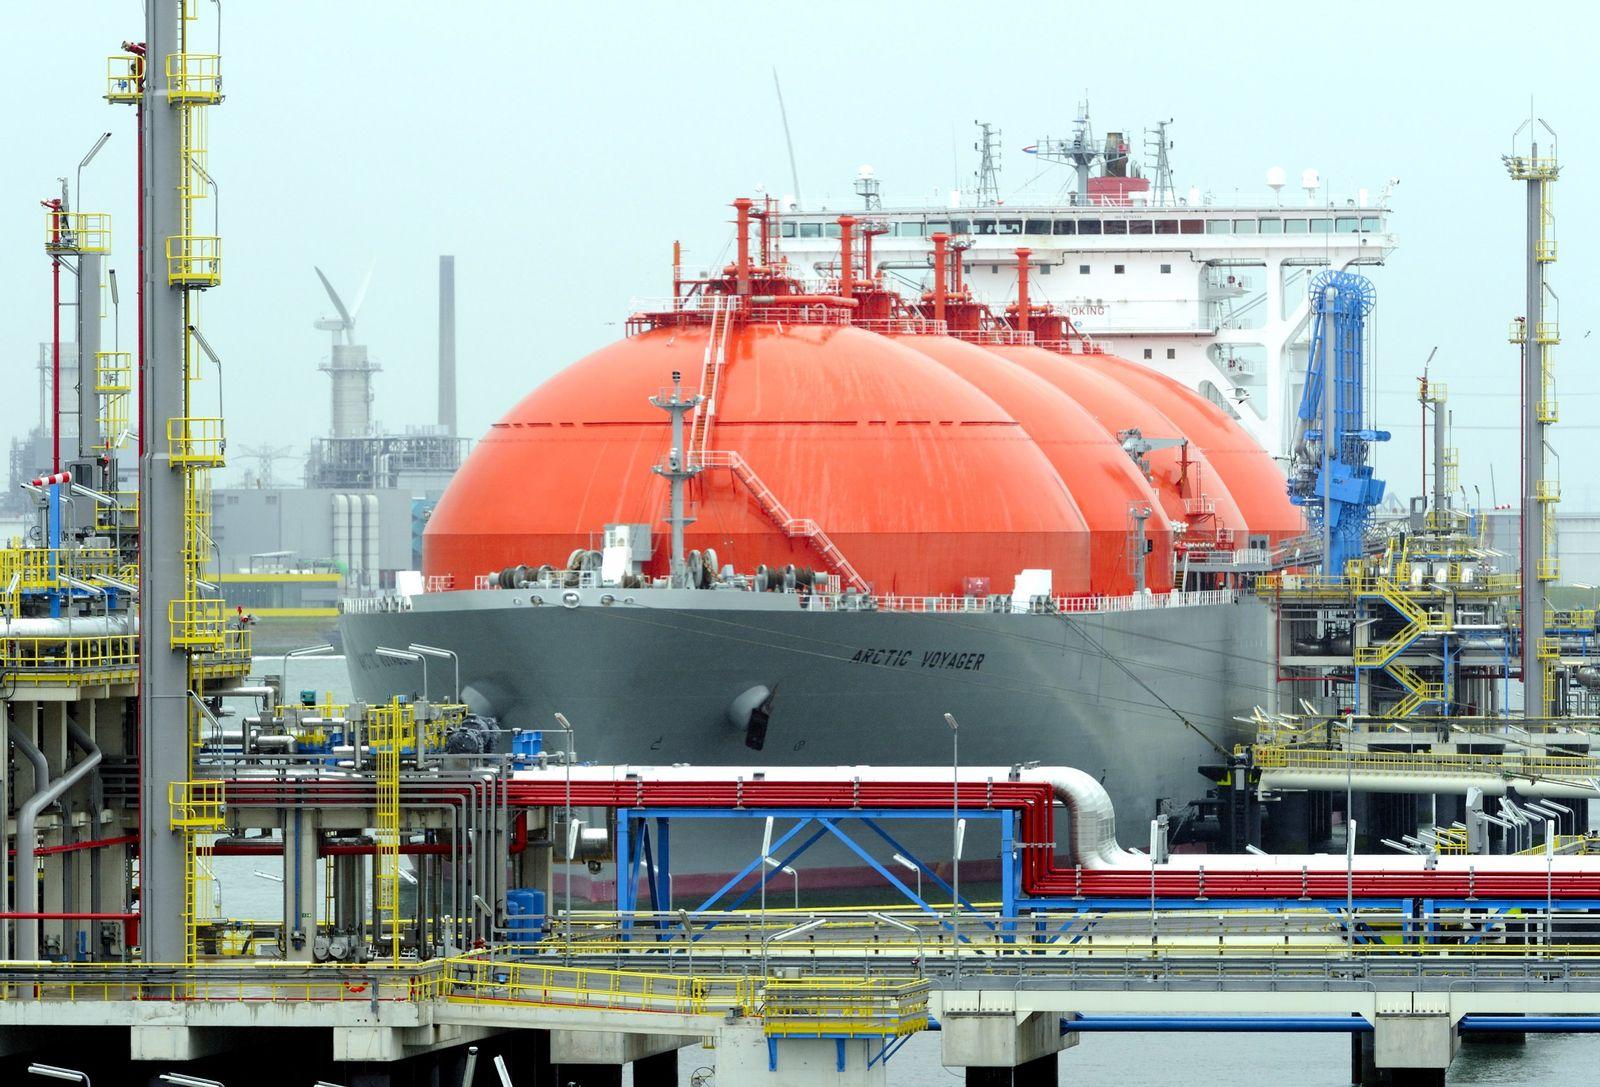 Ölpreis / Hafen von Rotterdam / Tanker